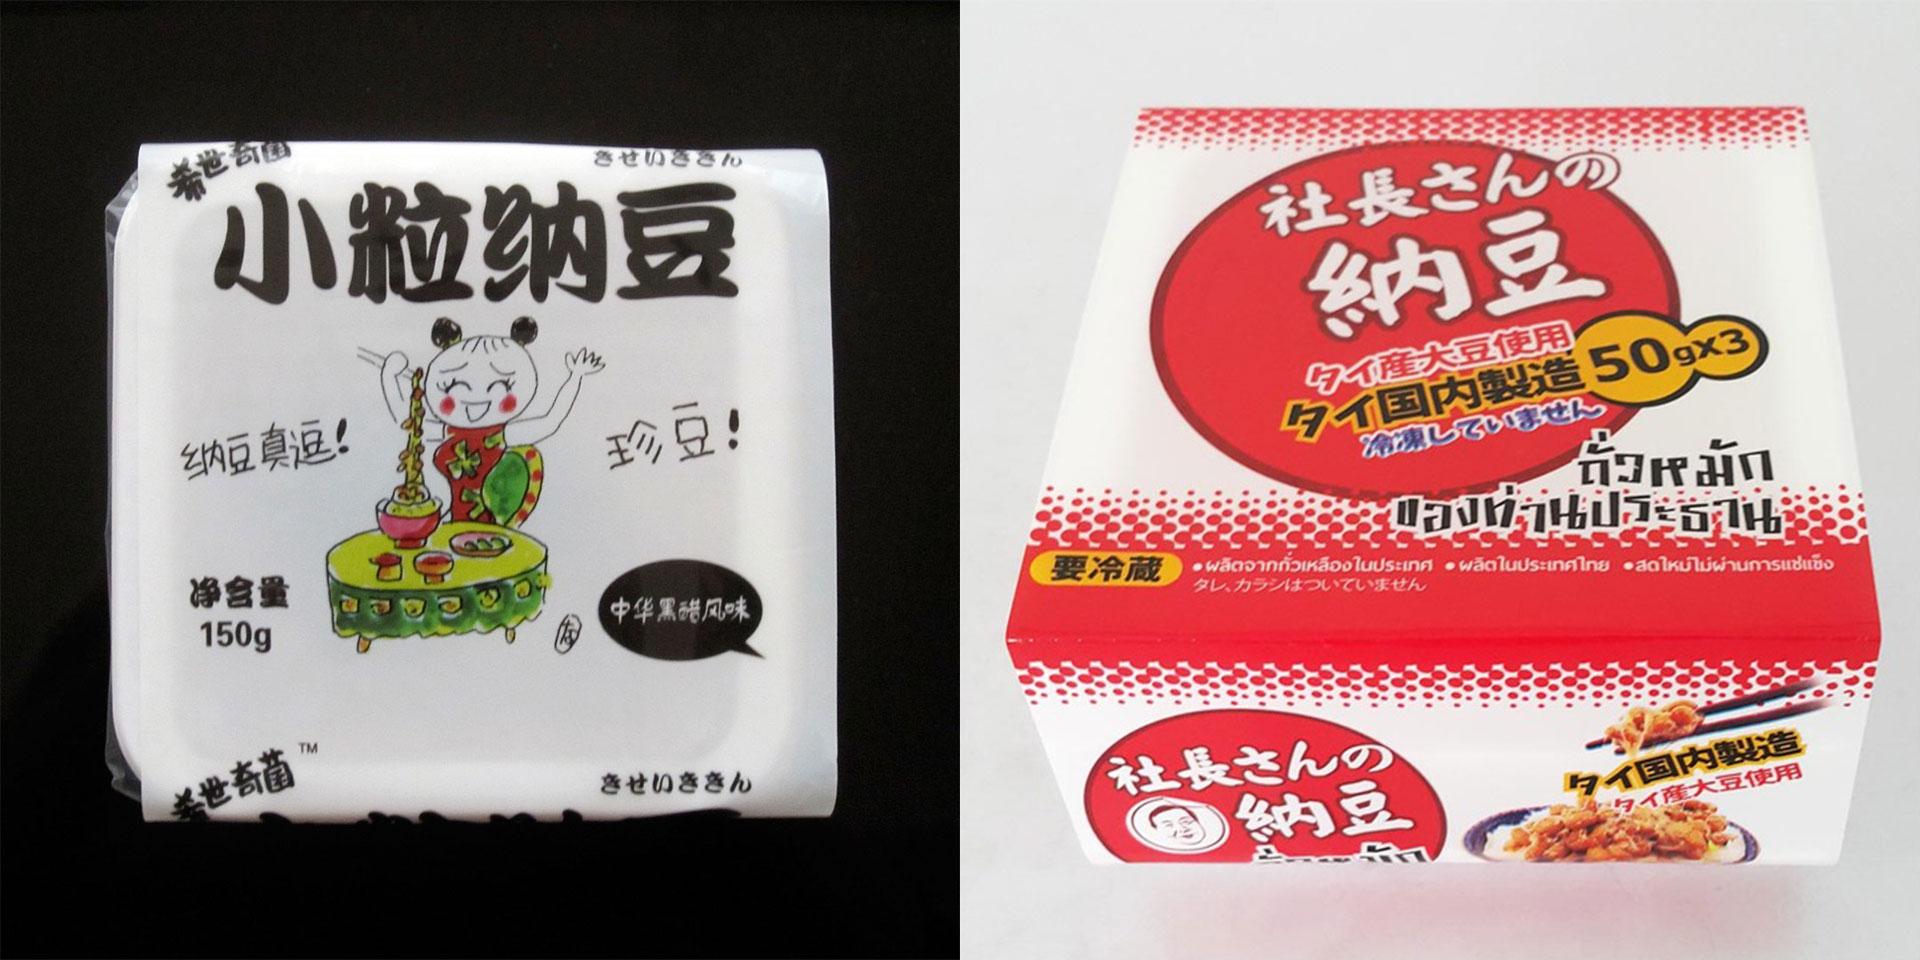 (左)中国で人気の「希世奇菌」 (右)バンコク発の「社長さんの納豆」